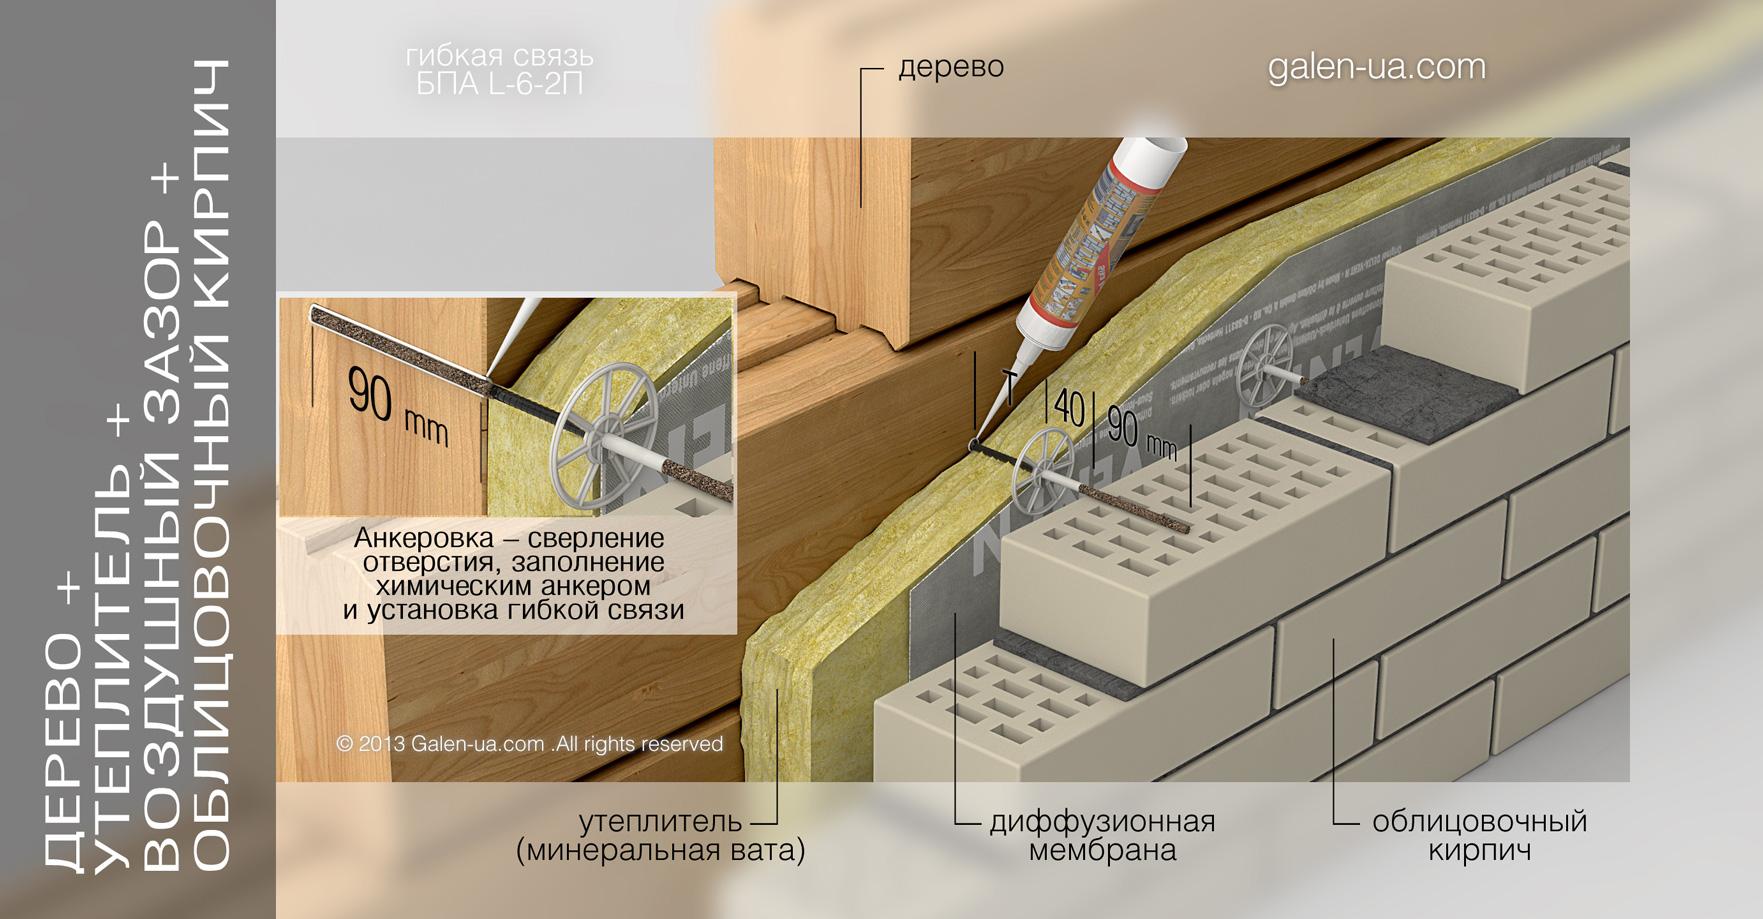 Гибкая связь БПА L-6-2П: Дерево + Утеплитель + Воздушный зазор + Облицовочный кирпич